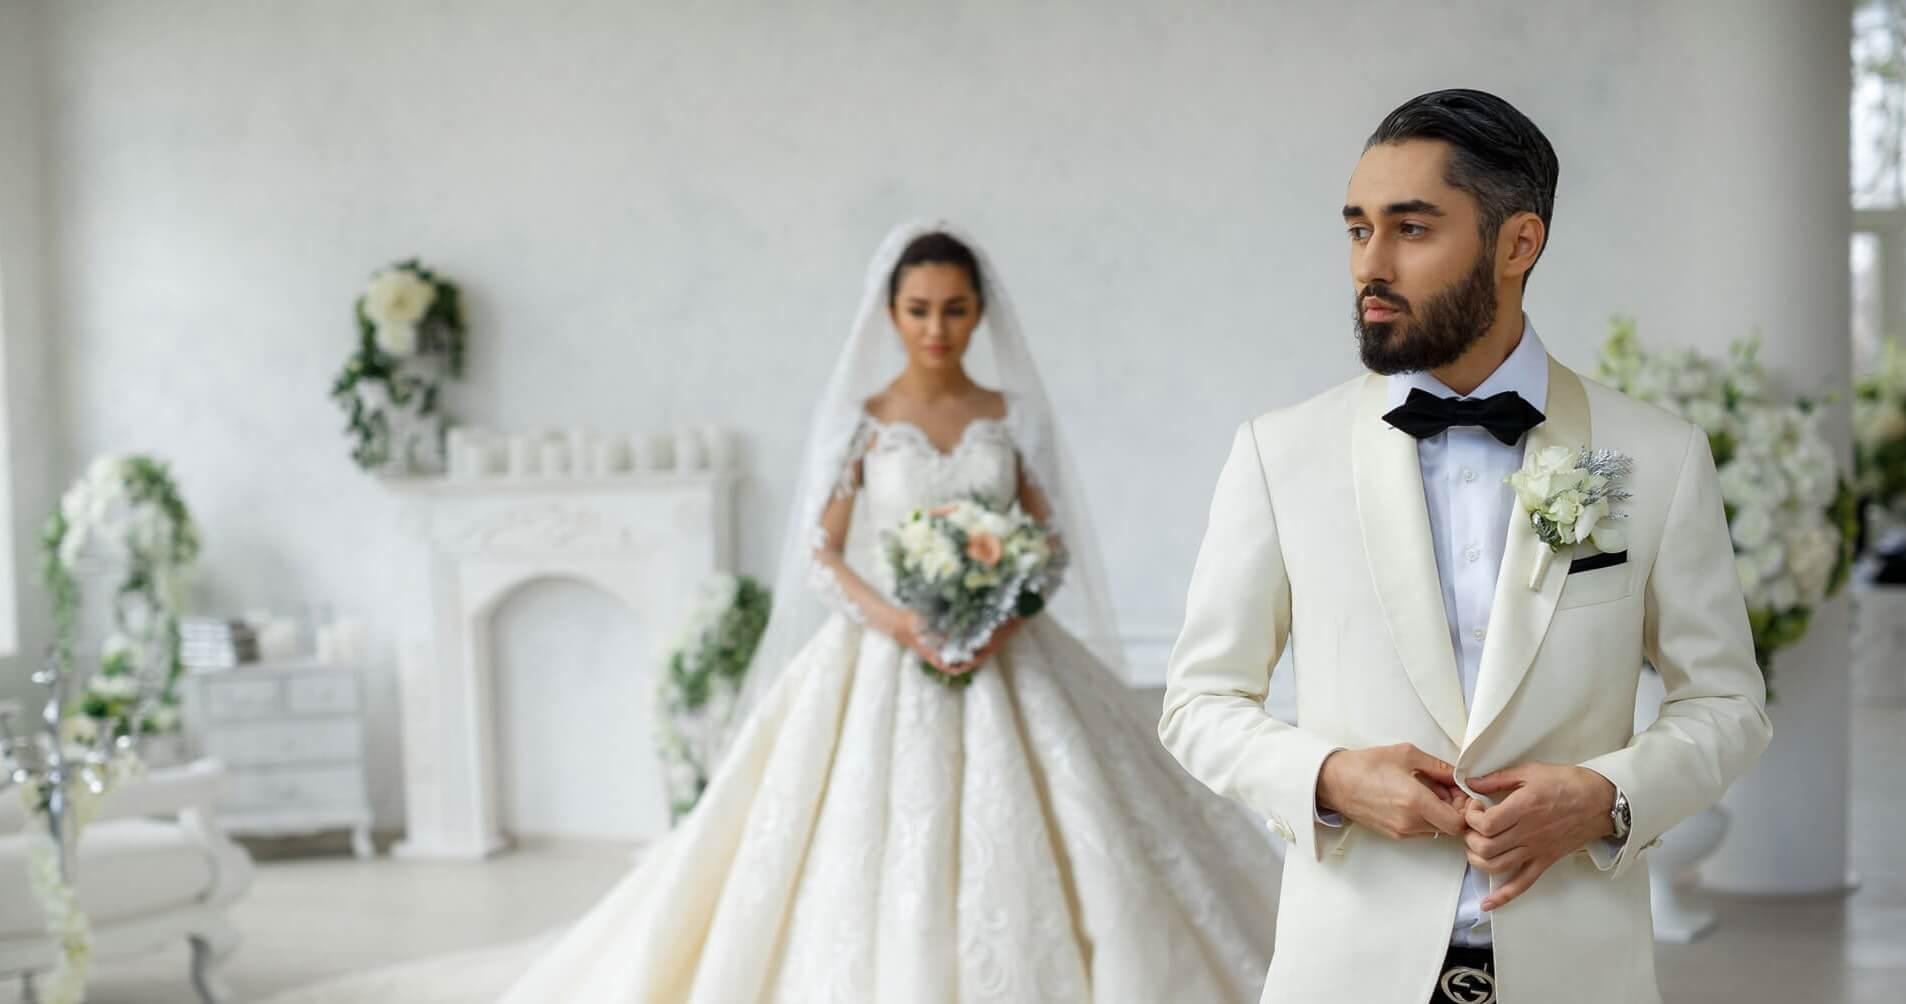 Свадьба музыканта Мота и Марии Гураль